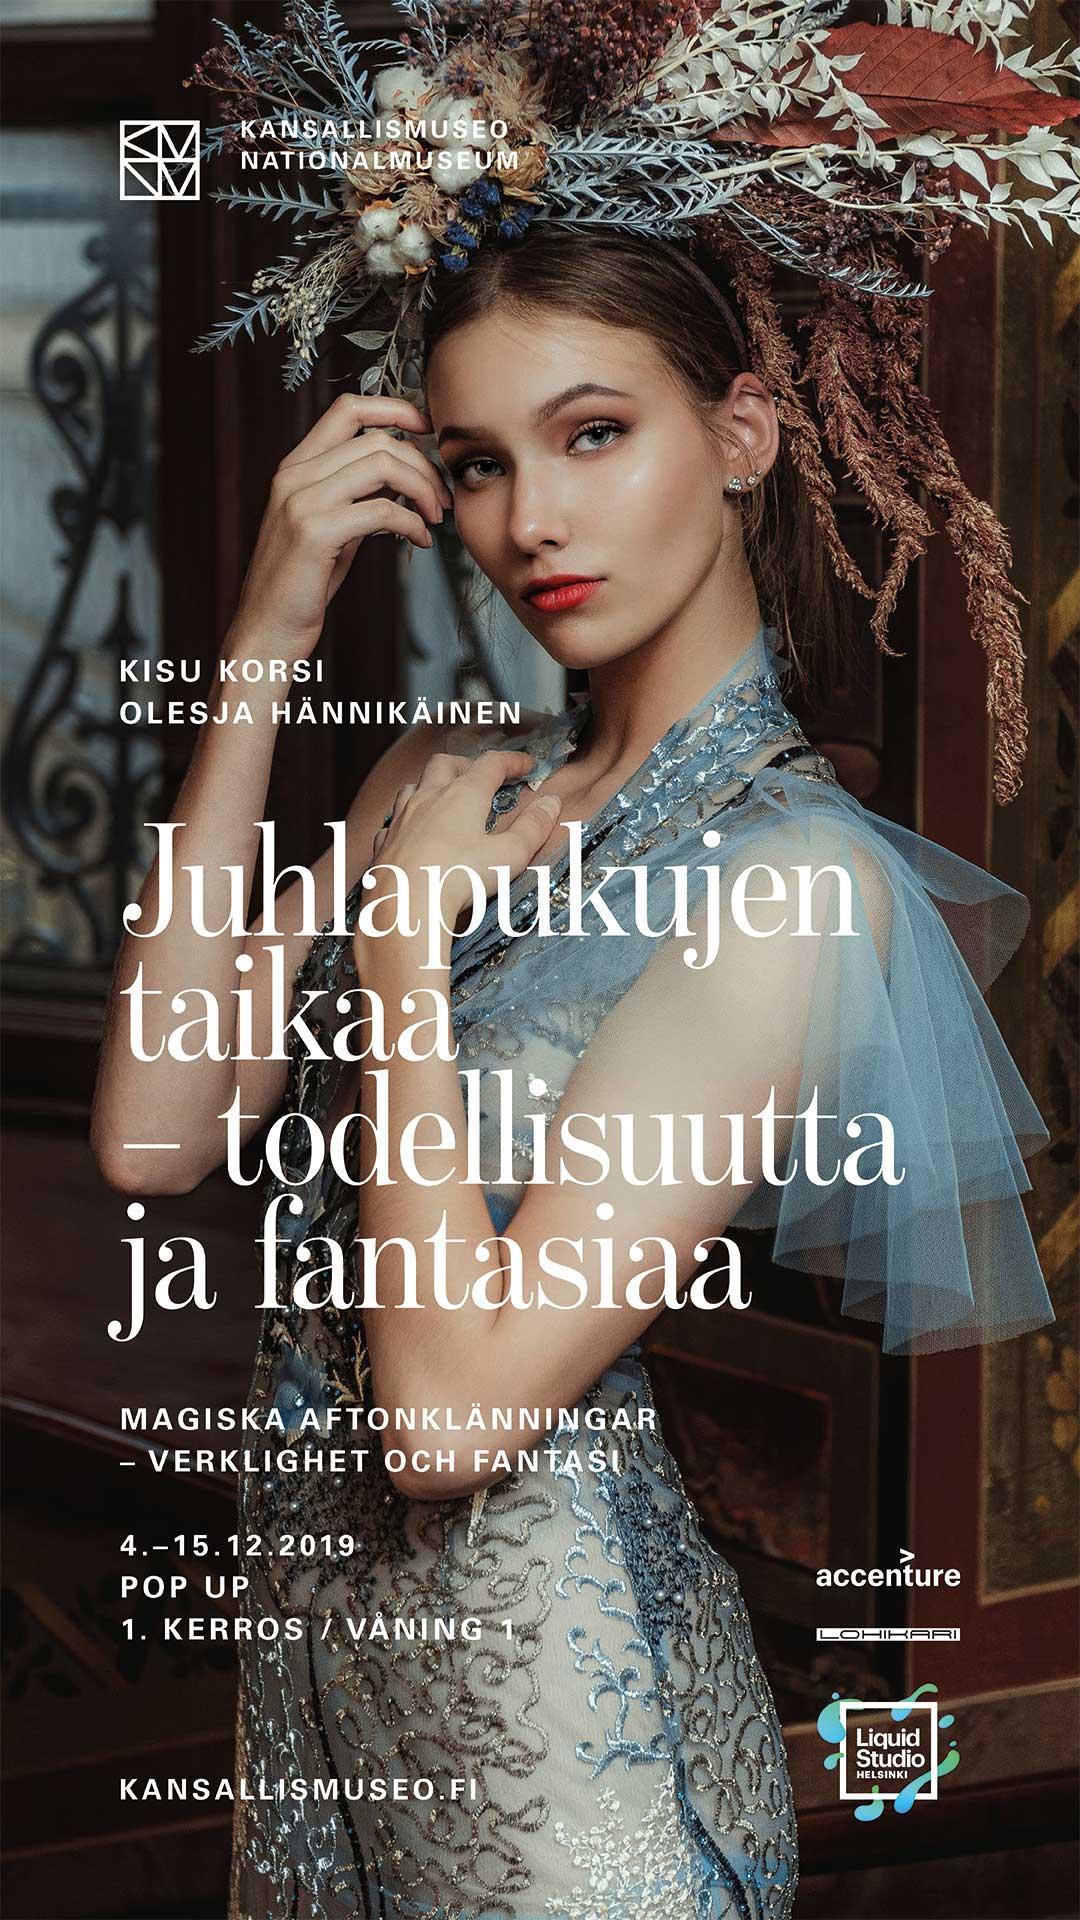 Kisu Korsin couture -pukunäyttely & Olesja Hännikäisen VR-muotikuvitukset  Kansallismuseossa 4.-15.12.2019